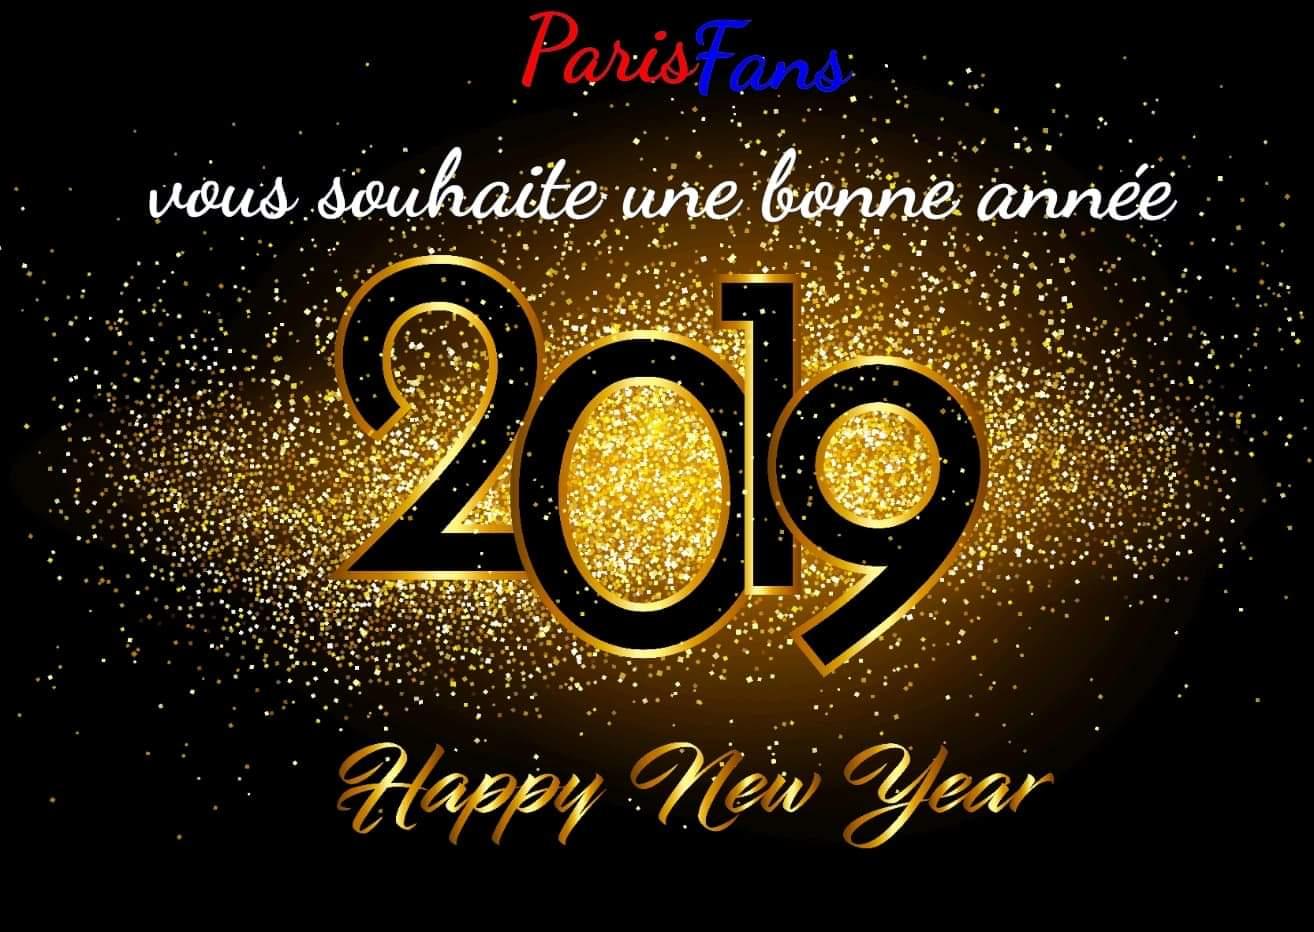 Parisfans Vous Souhaite Une Bonne Annee 2019